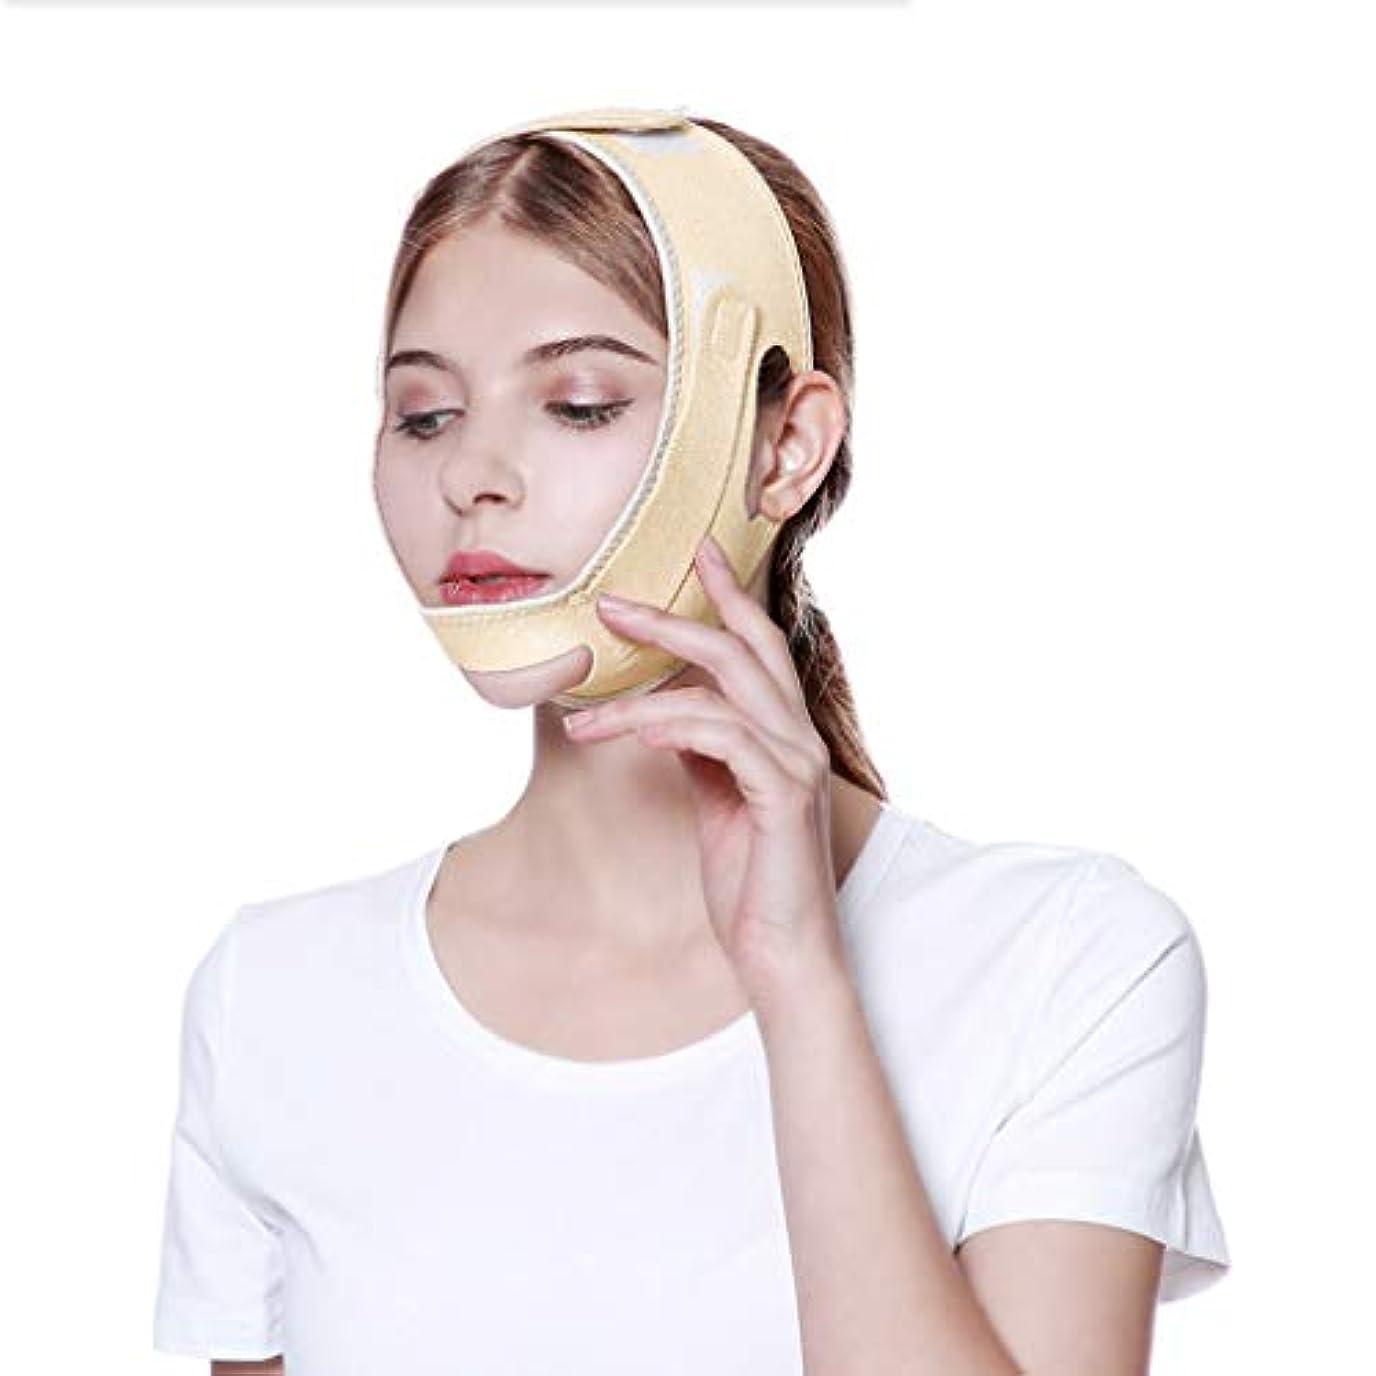 変更可能会社愚か顔面重量損失顔包帯 v 顔楽器顔ツールマスクライン彫刻手術回復ヘッドギアダブルあご